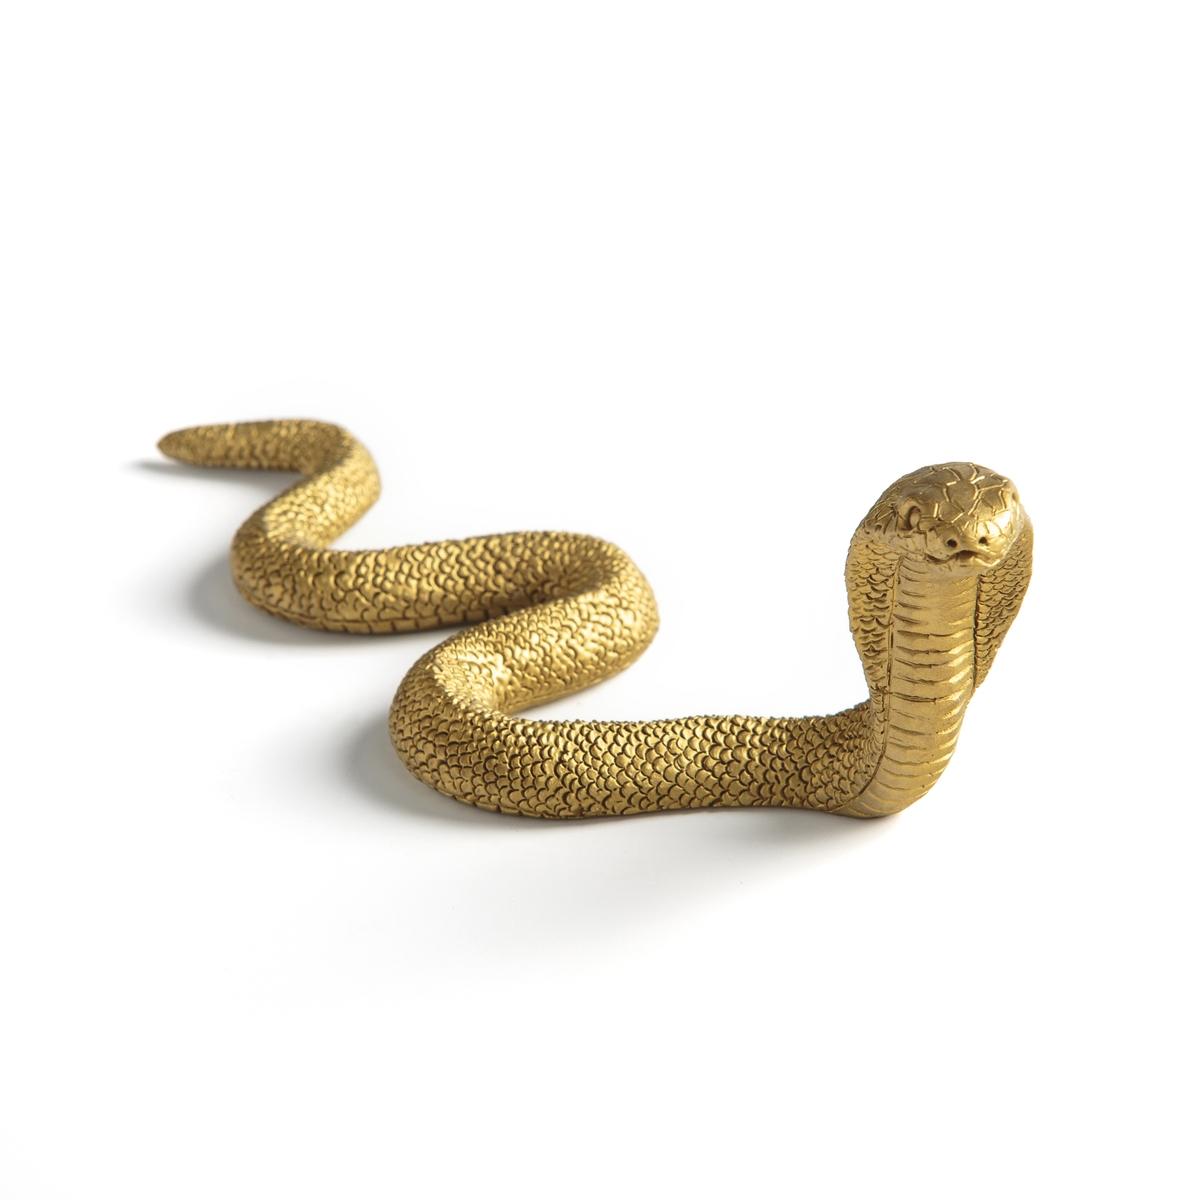 Амулет змея Talisma амулет святой христофор